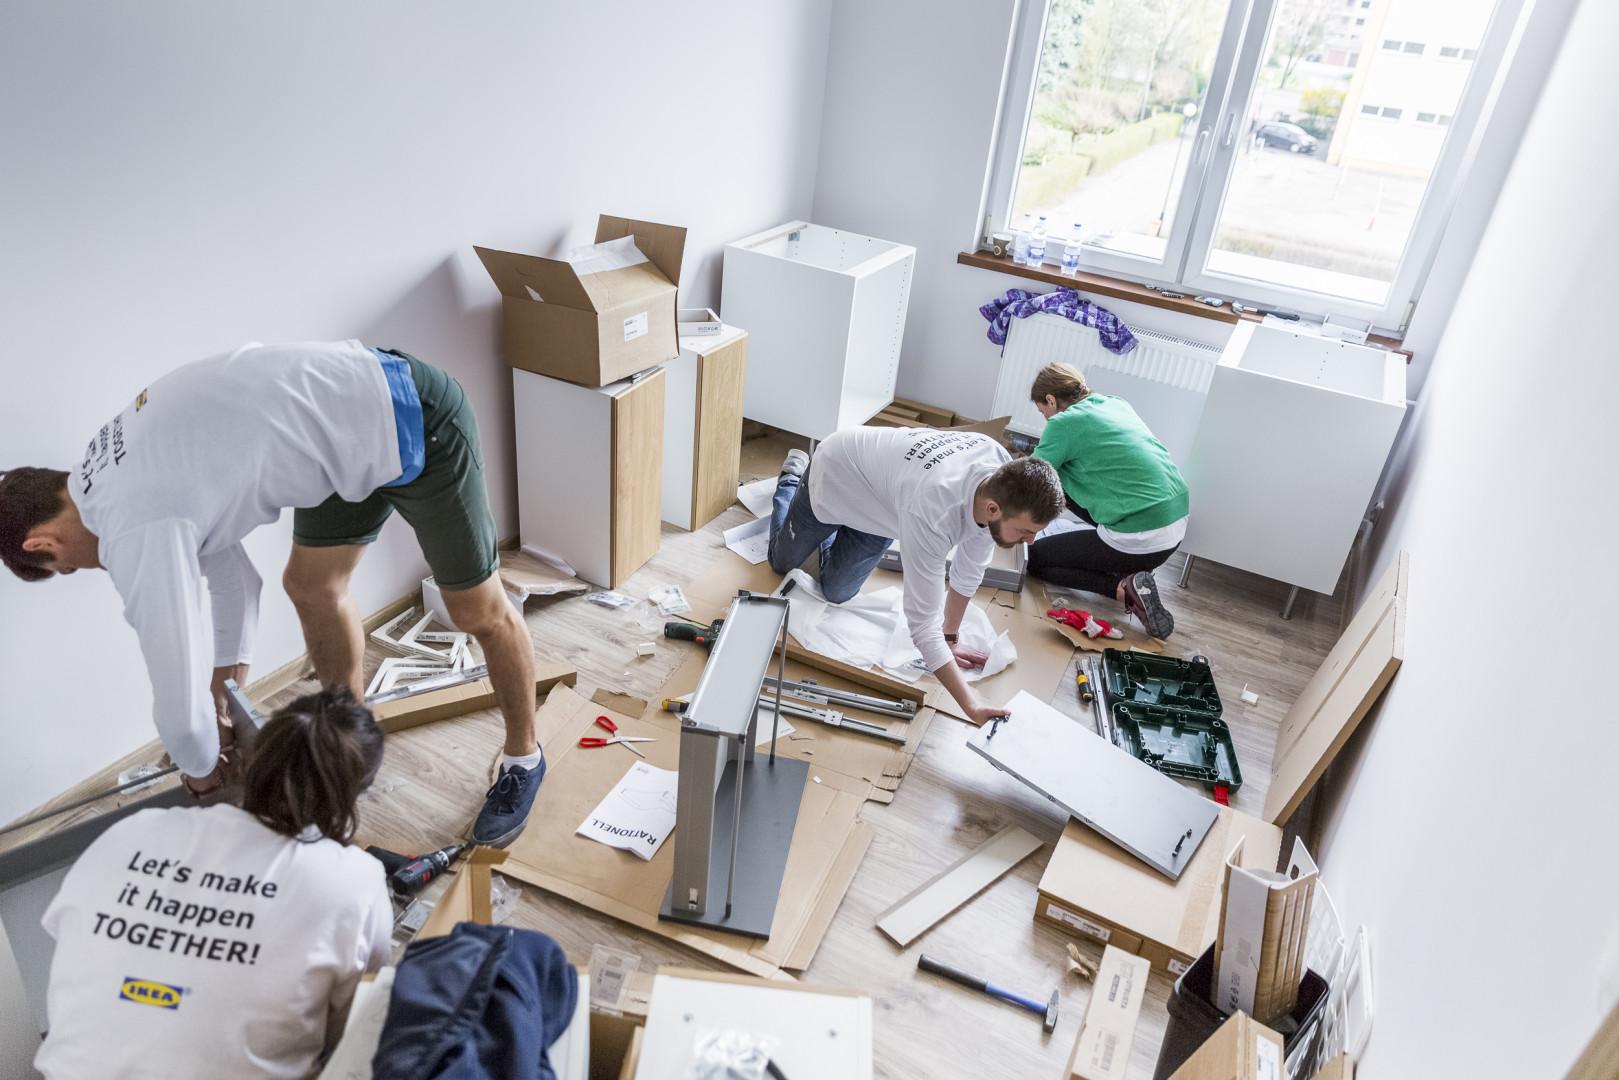 Pracownicy IKEA zajęli się również montażem mebli. Fot. IKEA